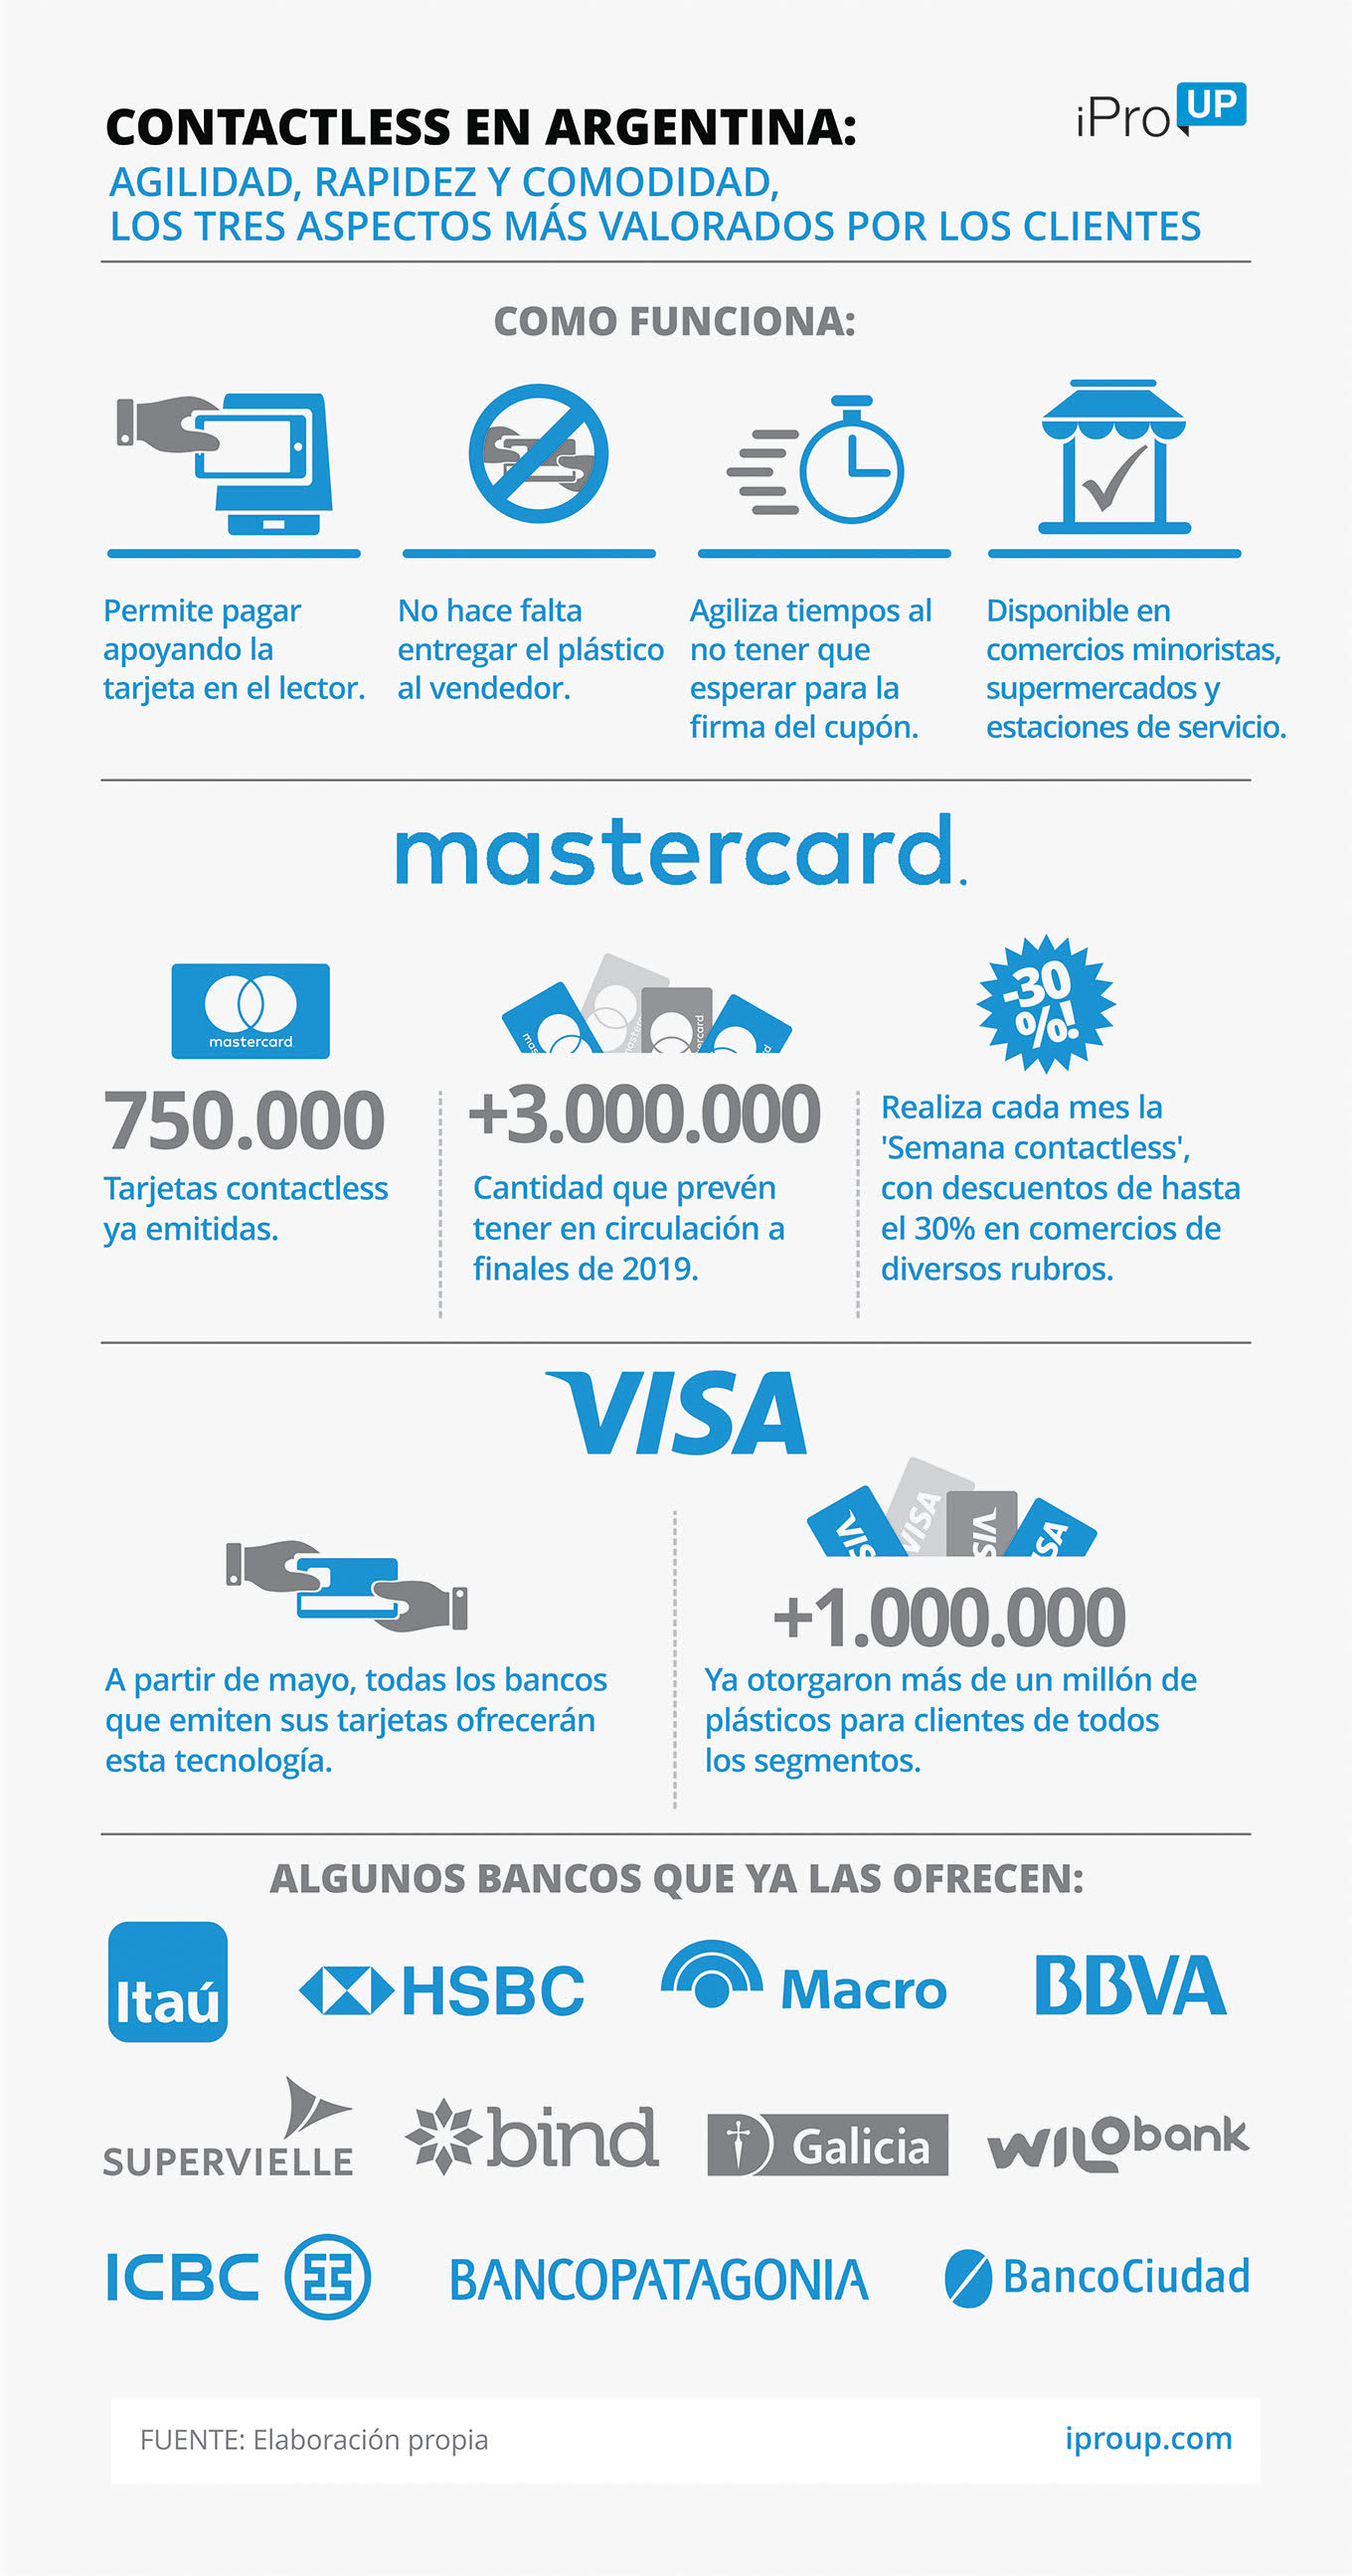 Tarjeta de crédito contactless: Visa, Mastercard y